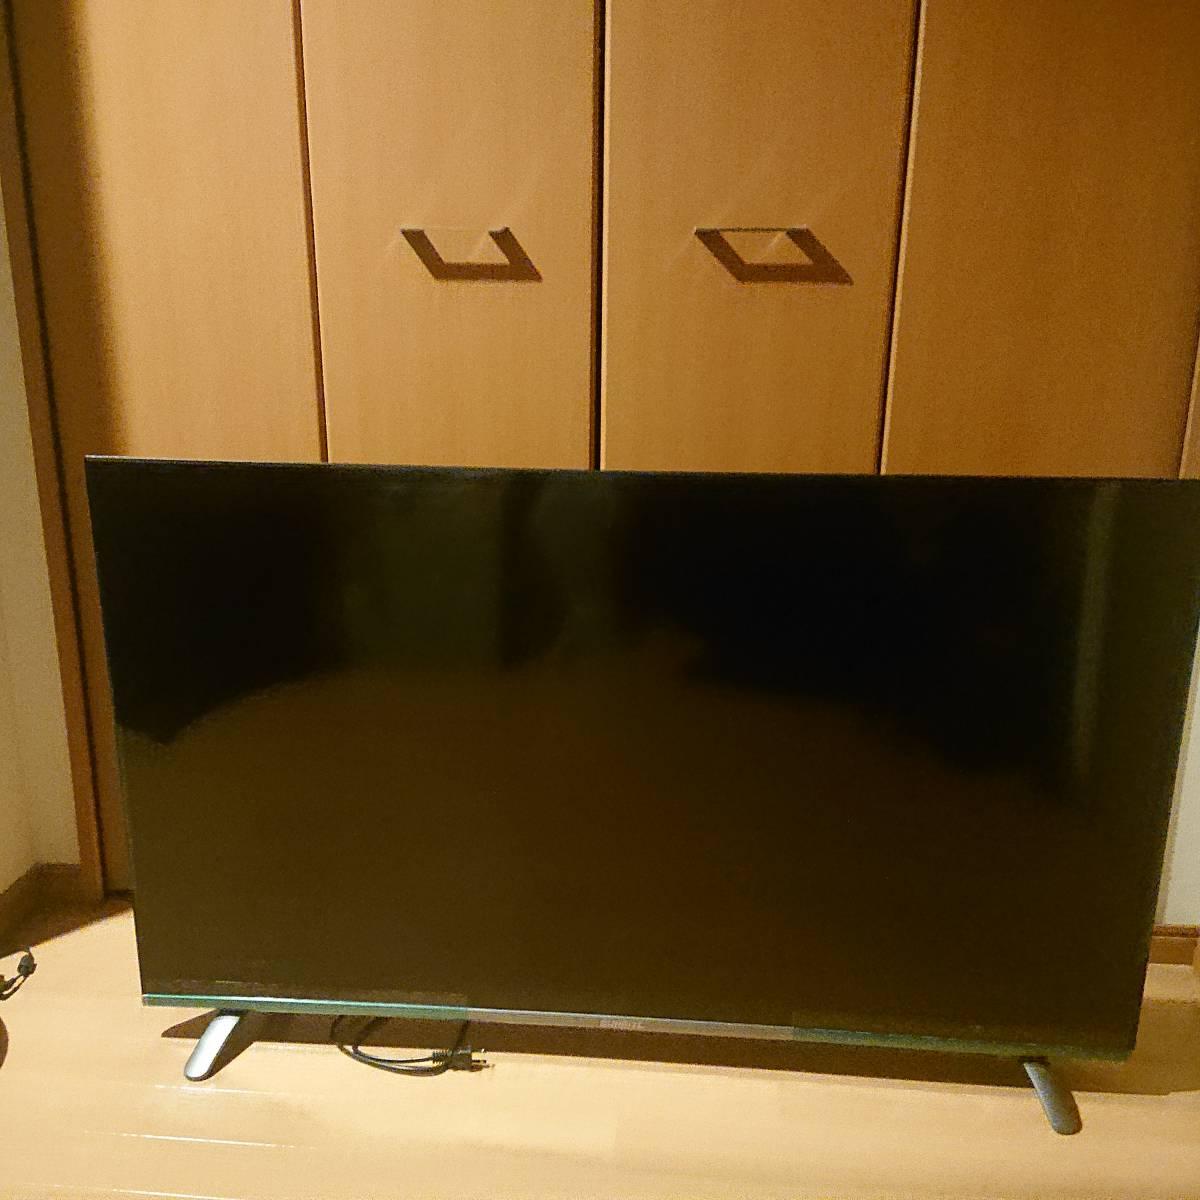 SUNRIZE 4Kフレームレステレビ  [50インチ]_画像1